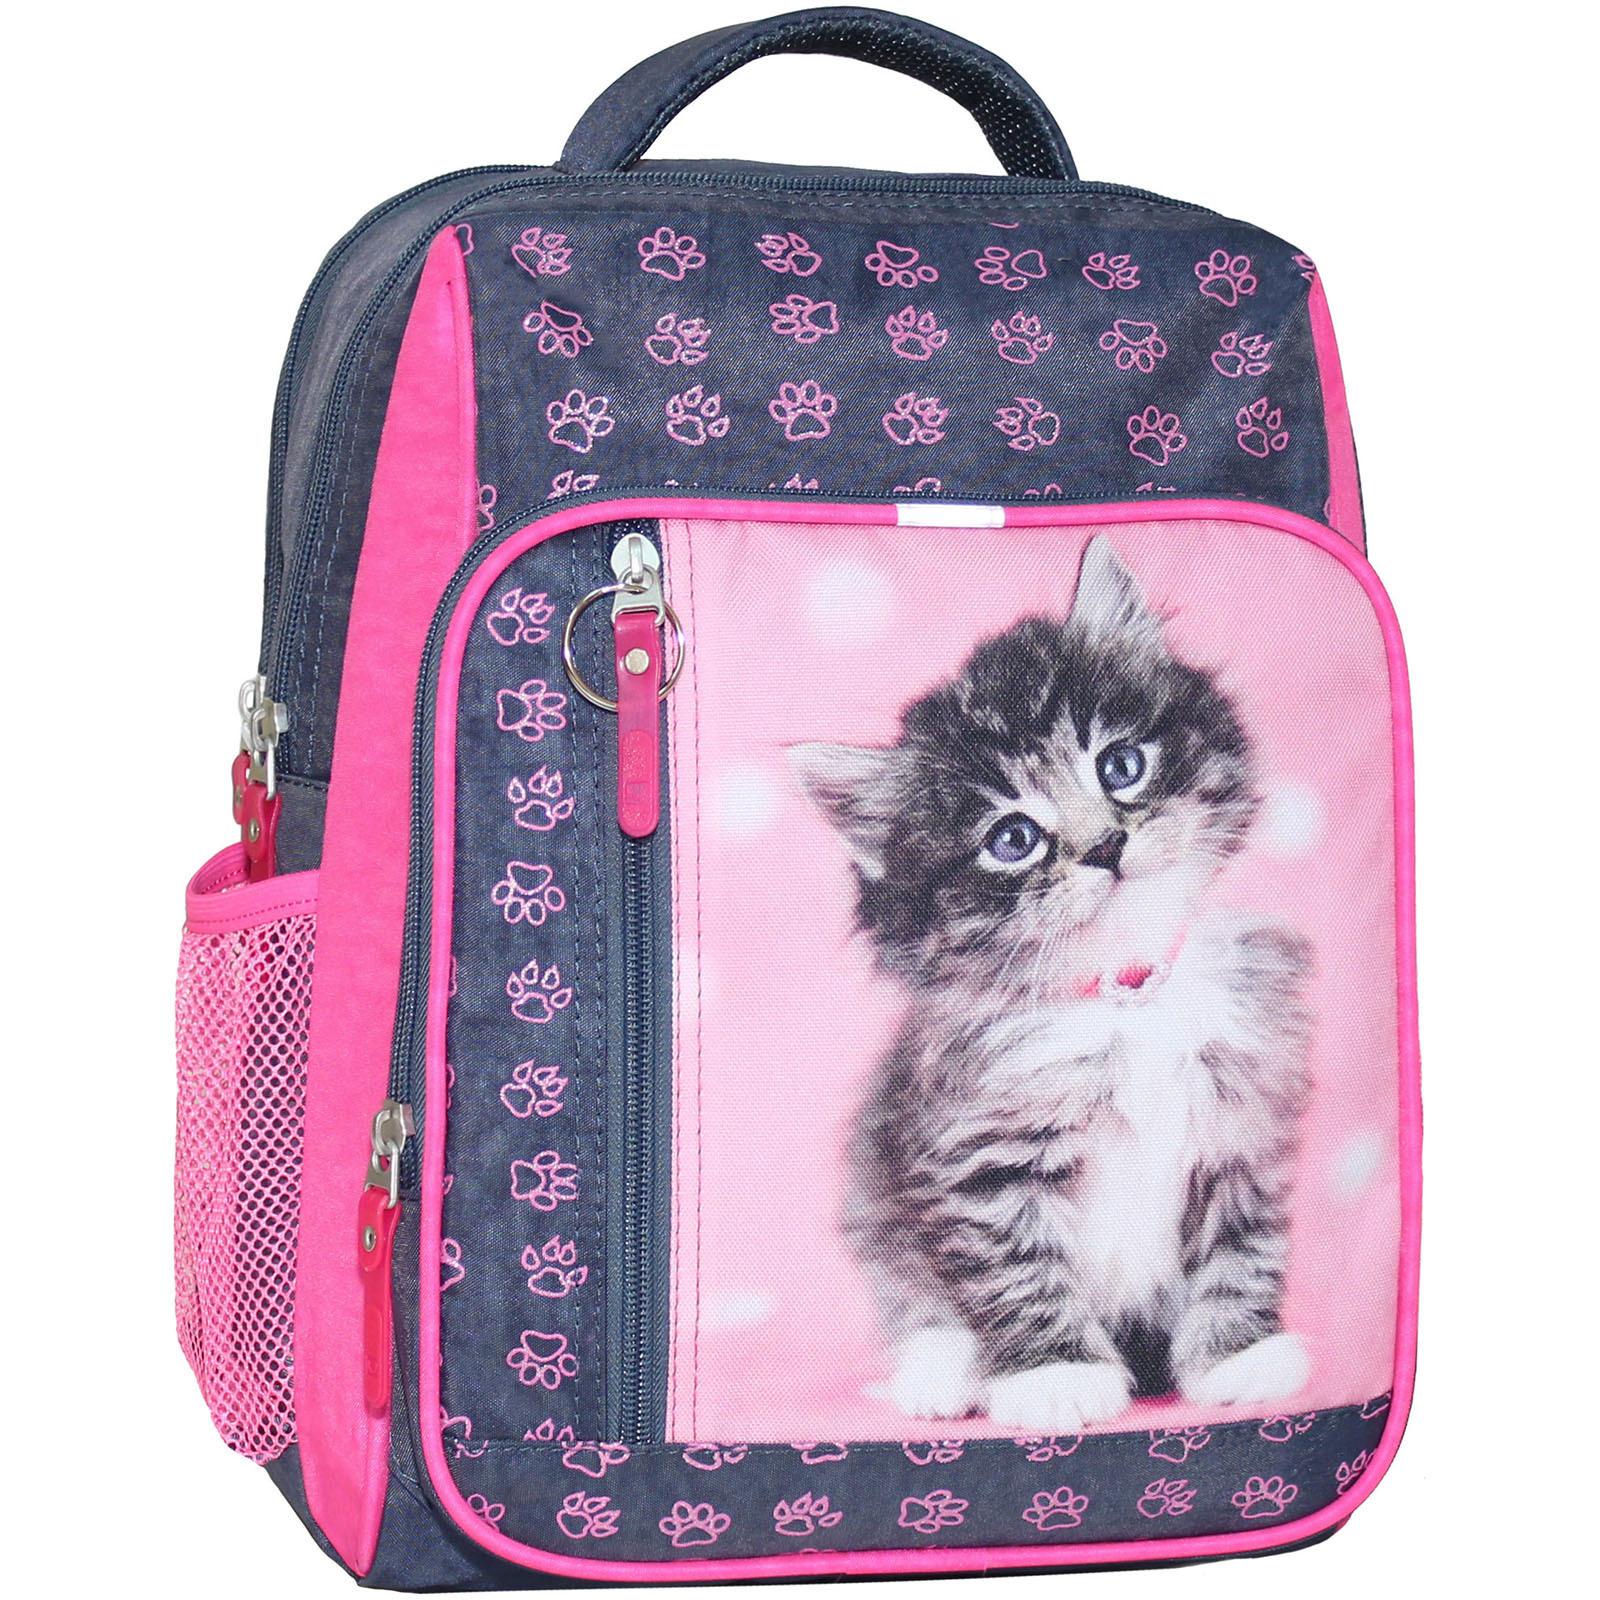 Школьные рюкзаки Рюкзак школьный Bagland Школьник 8 л. 321 серый 65д (0012870) IMG_4920.JPG